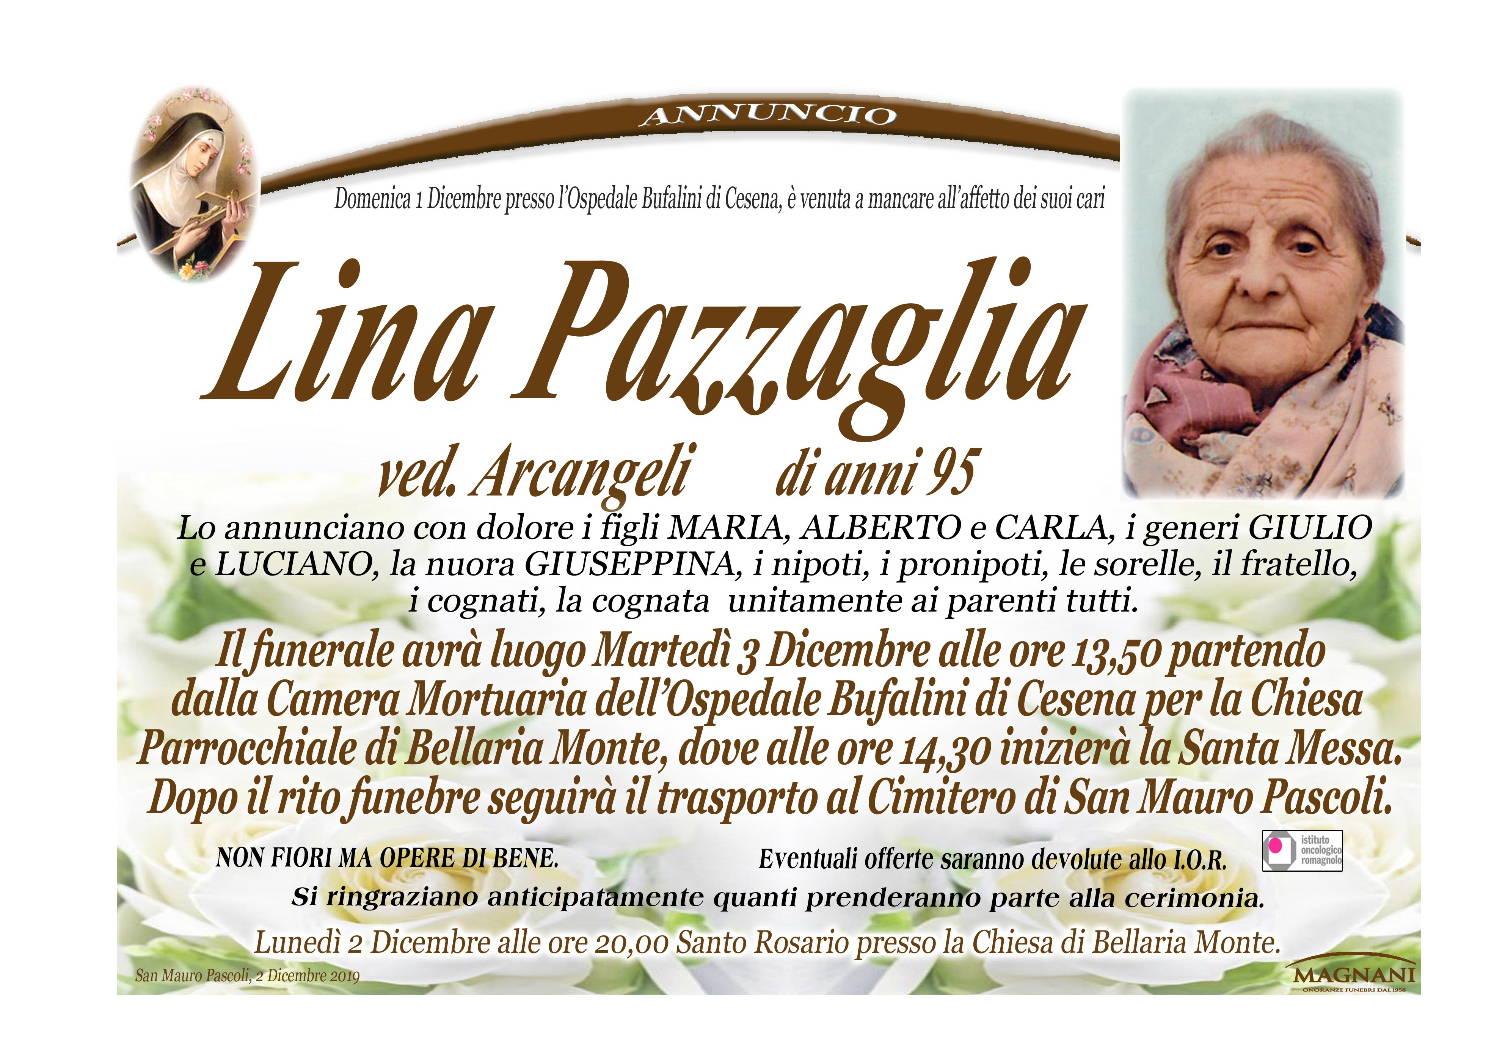 Lina Pazzaglia